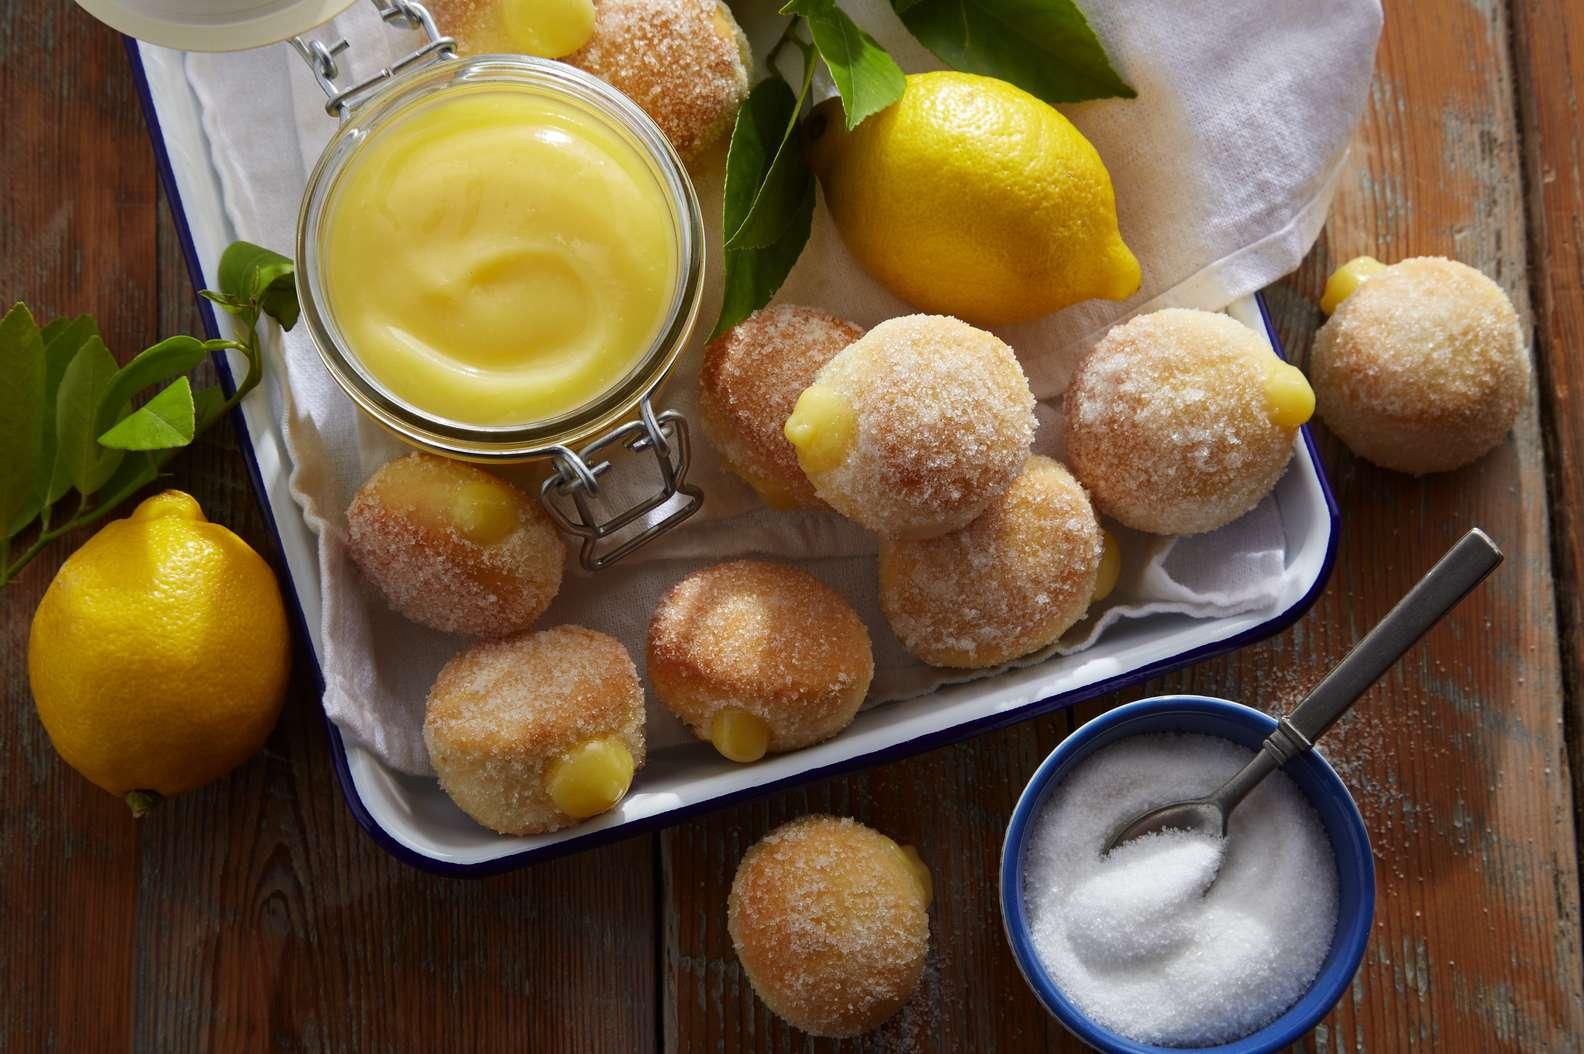 Easy Lemon Baked Donuts